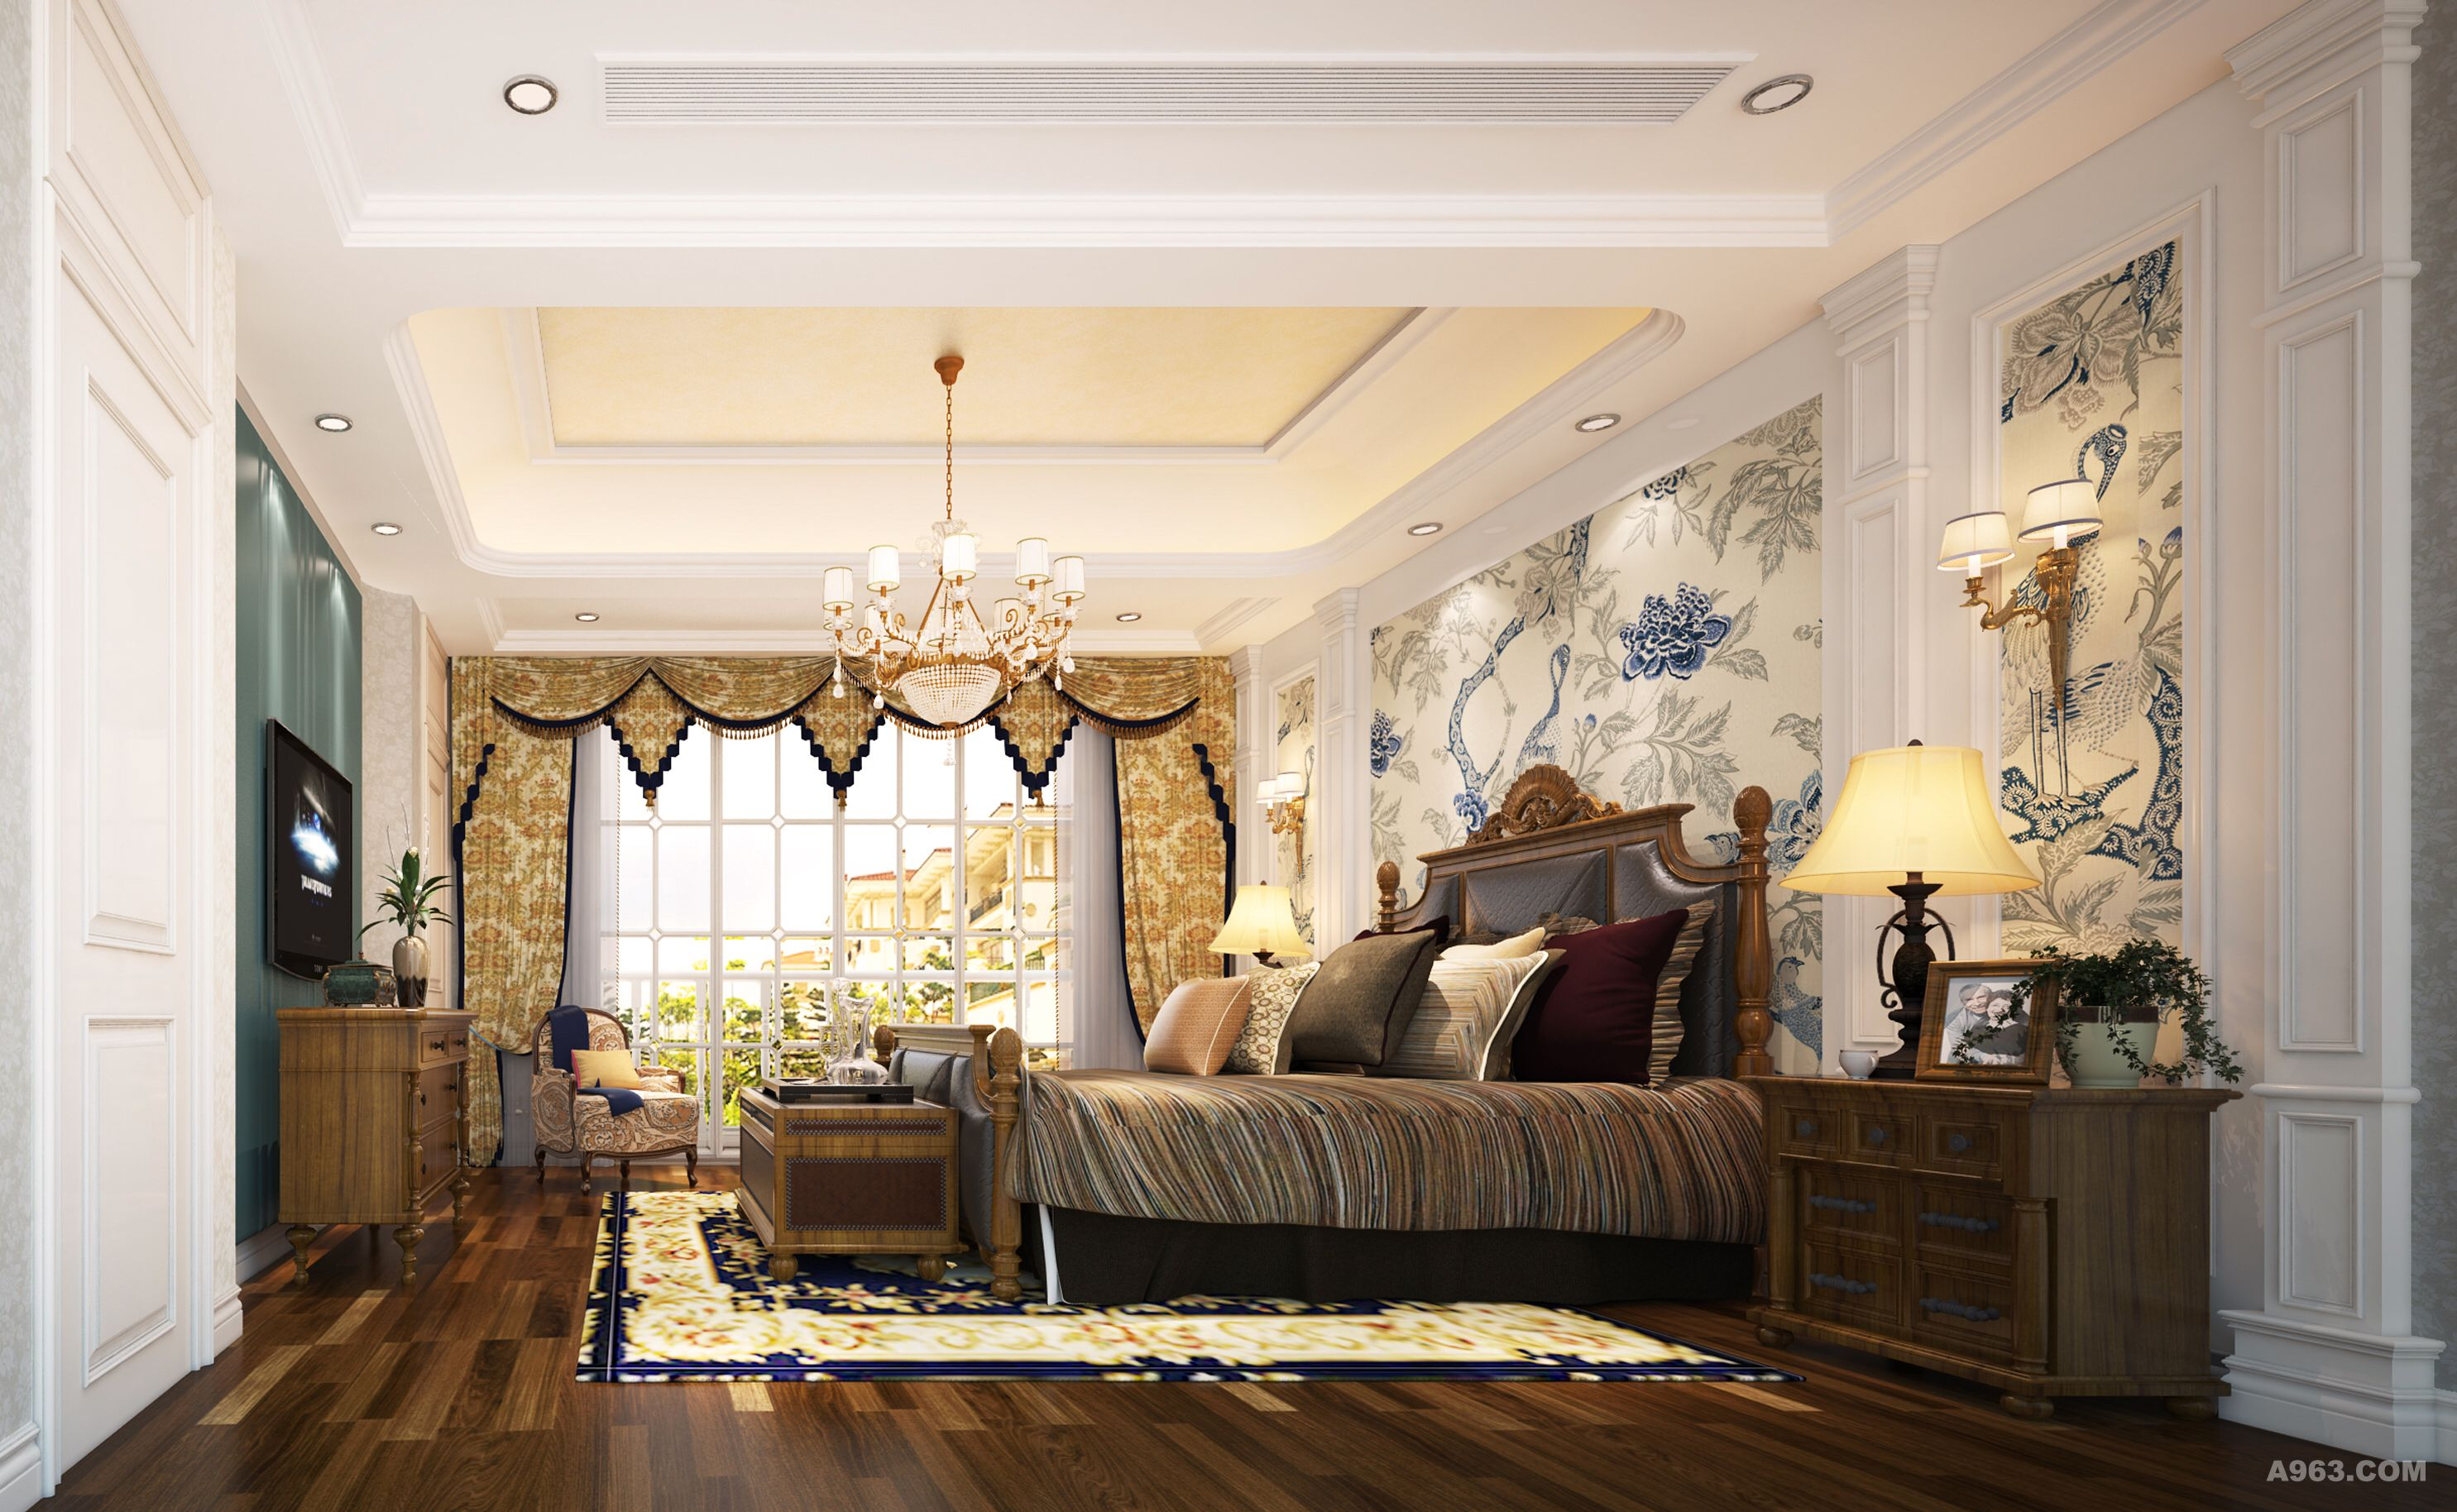 本设计现代欧式为主,但处处透露出家的温馨。高品质的家居环境是创造完美生活的必备要素。